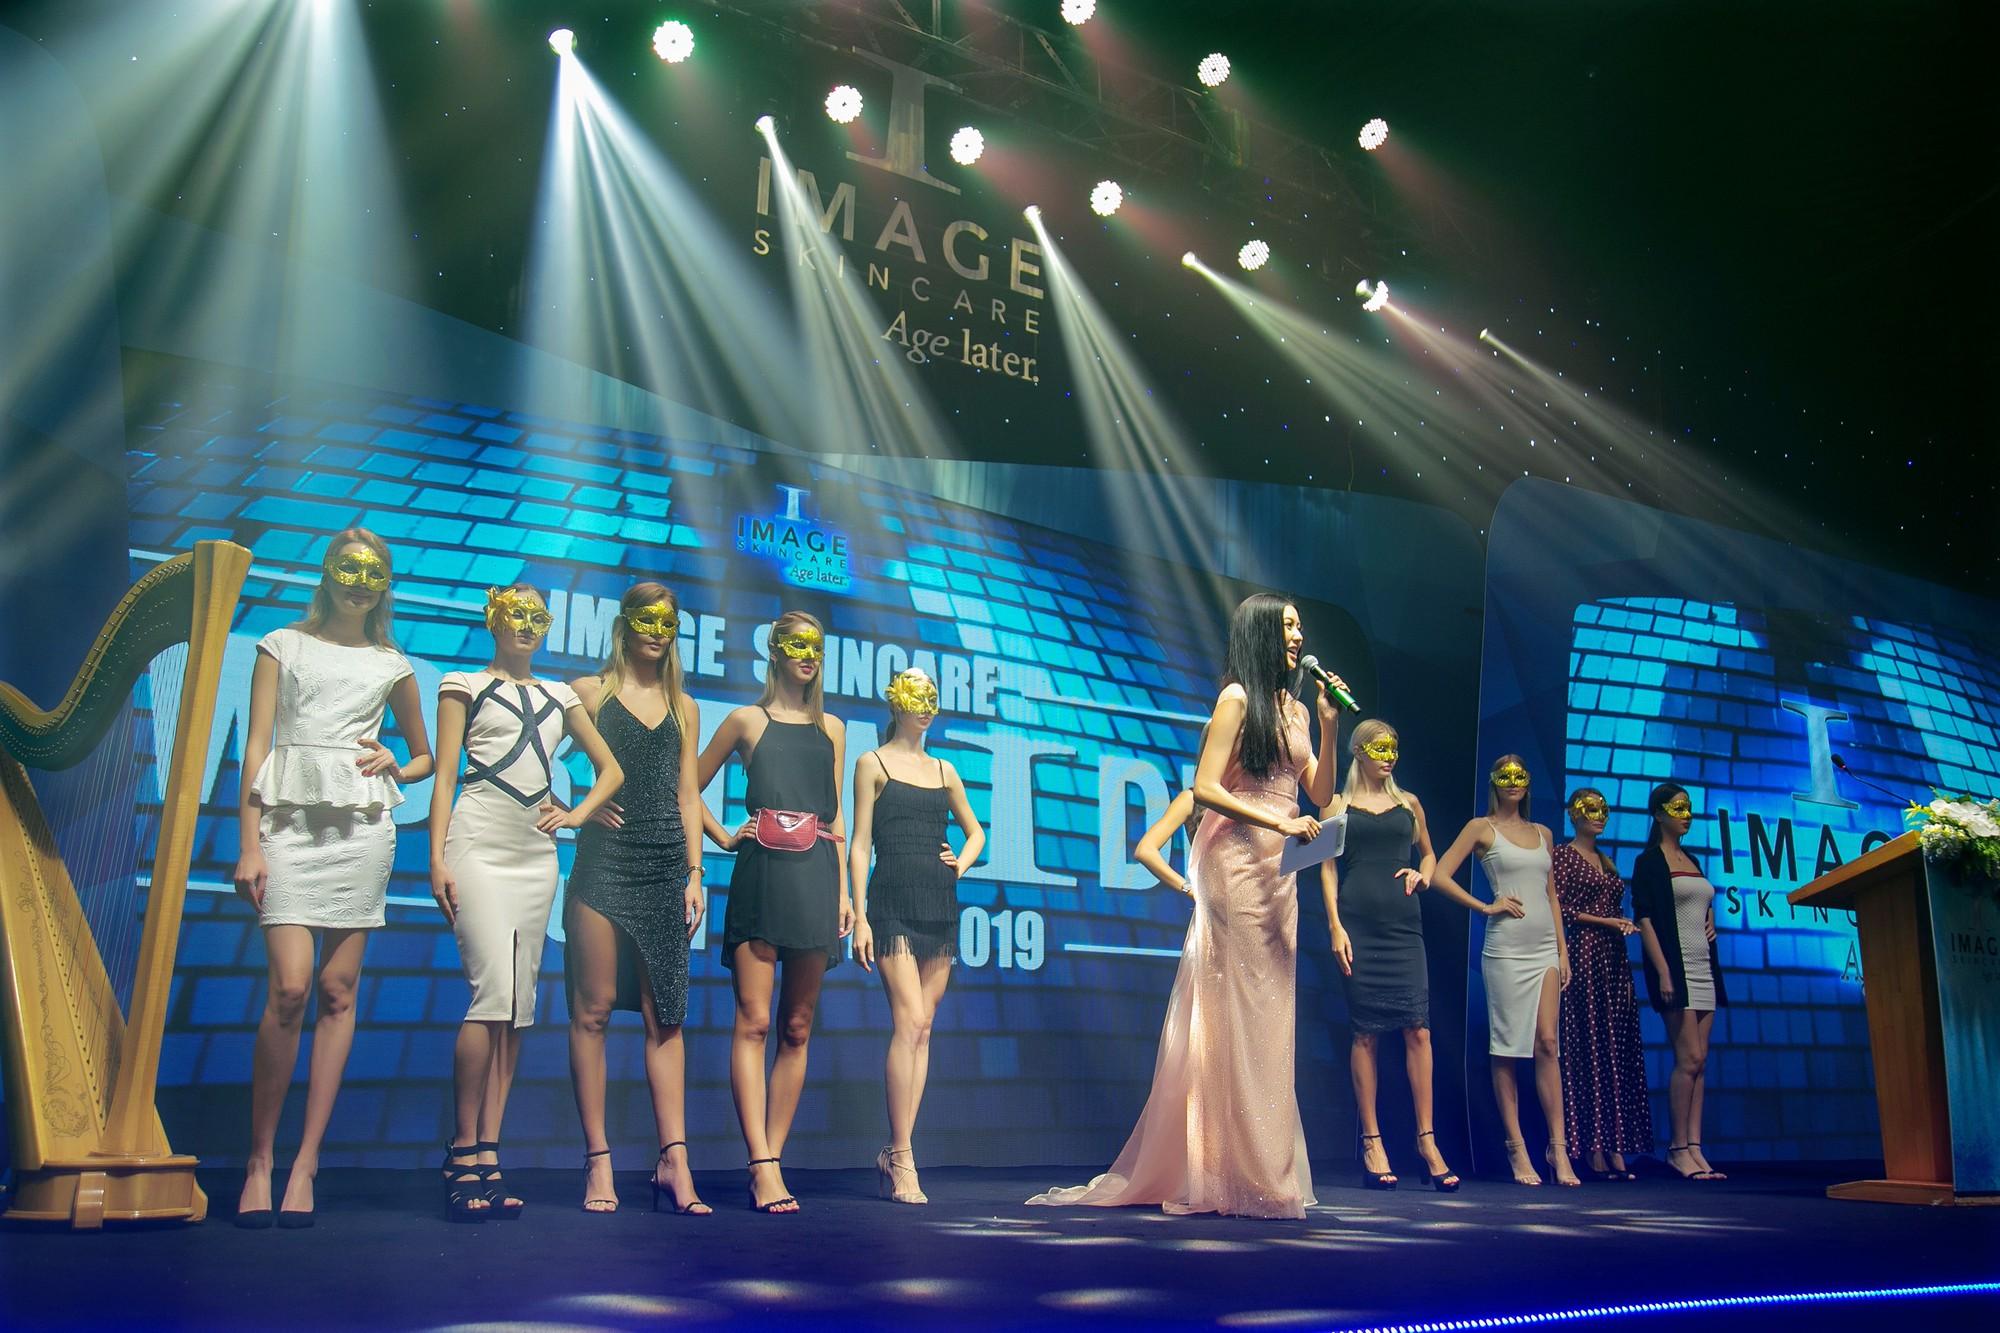 Hội nghị quốc tế IMAGEskincare lần thứ 12 Recover Your Beauty chuyên đề nám - Ảnh 1.